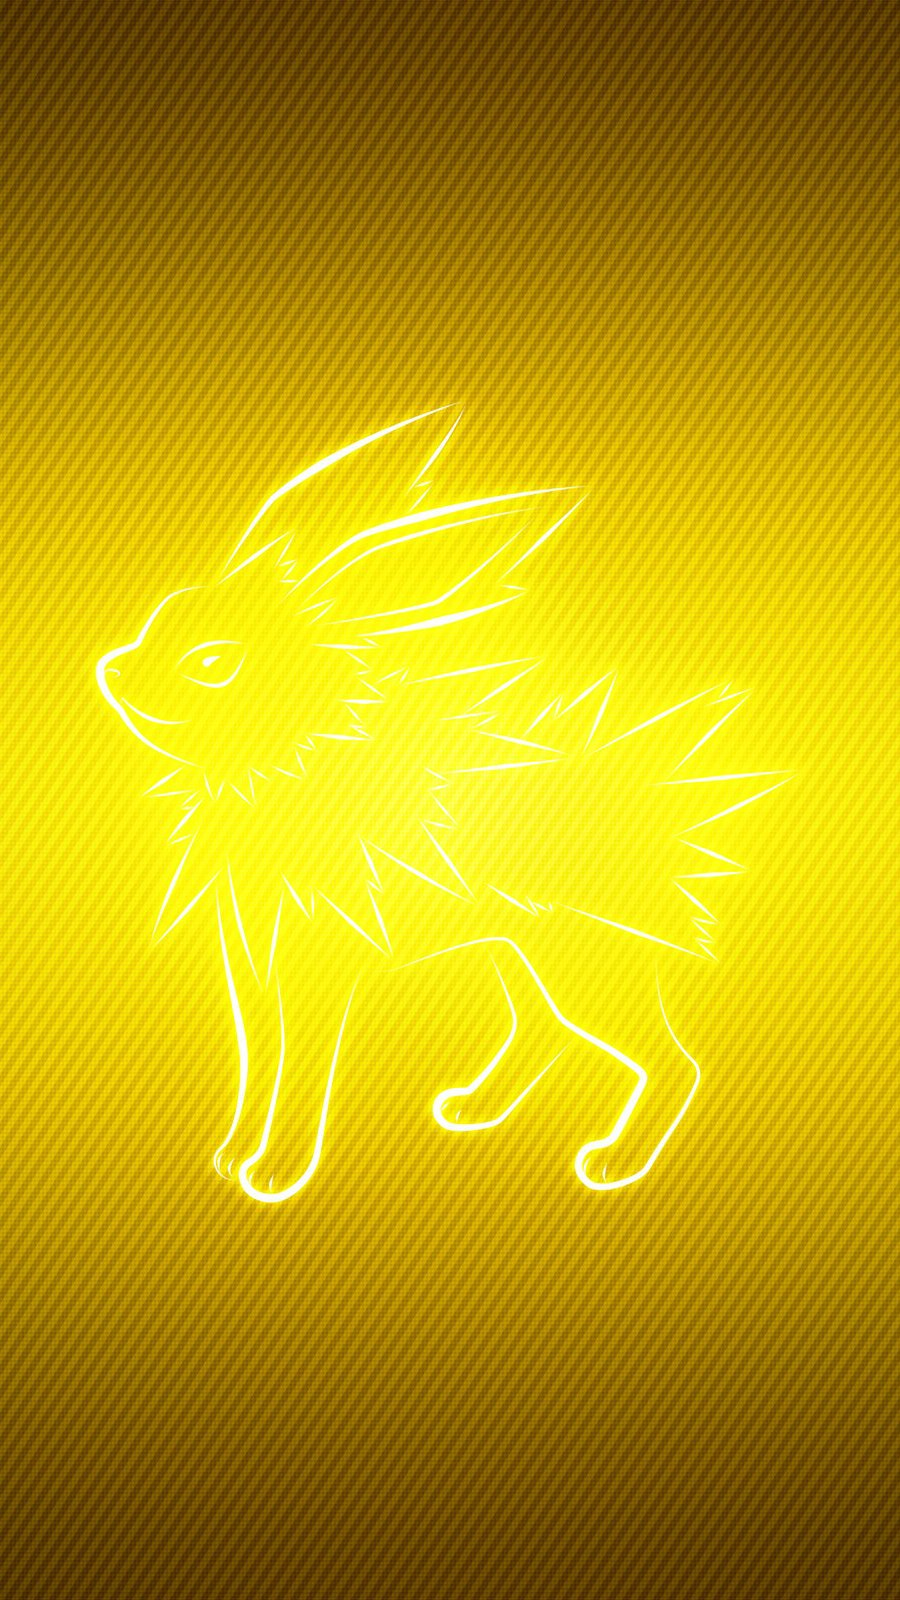 Fondos de pantalla Anime Jolteon Pokémon Vertical